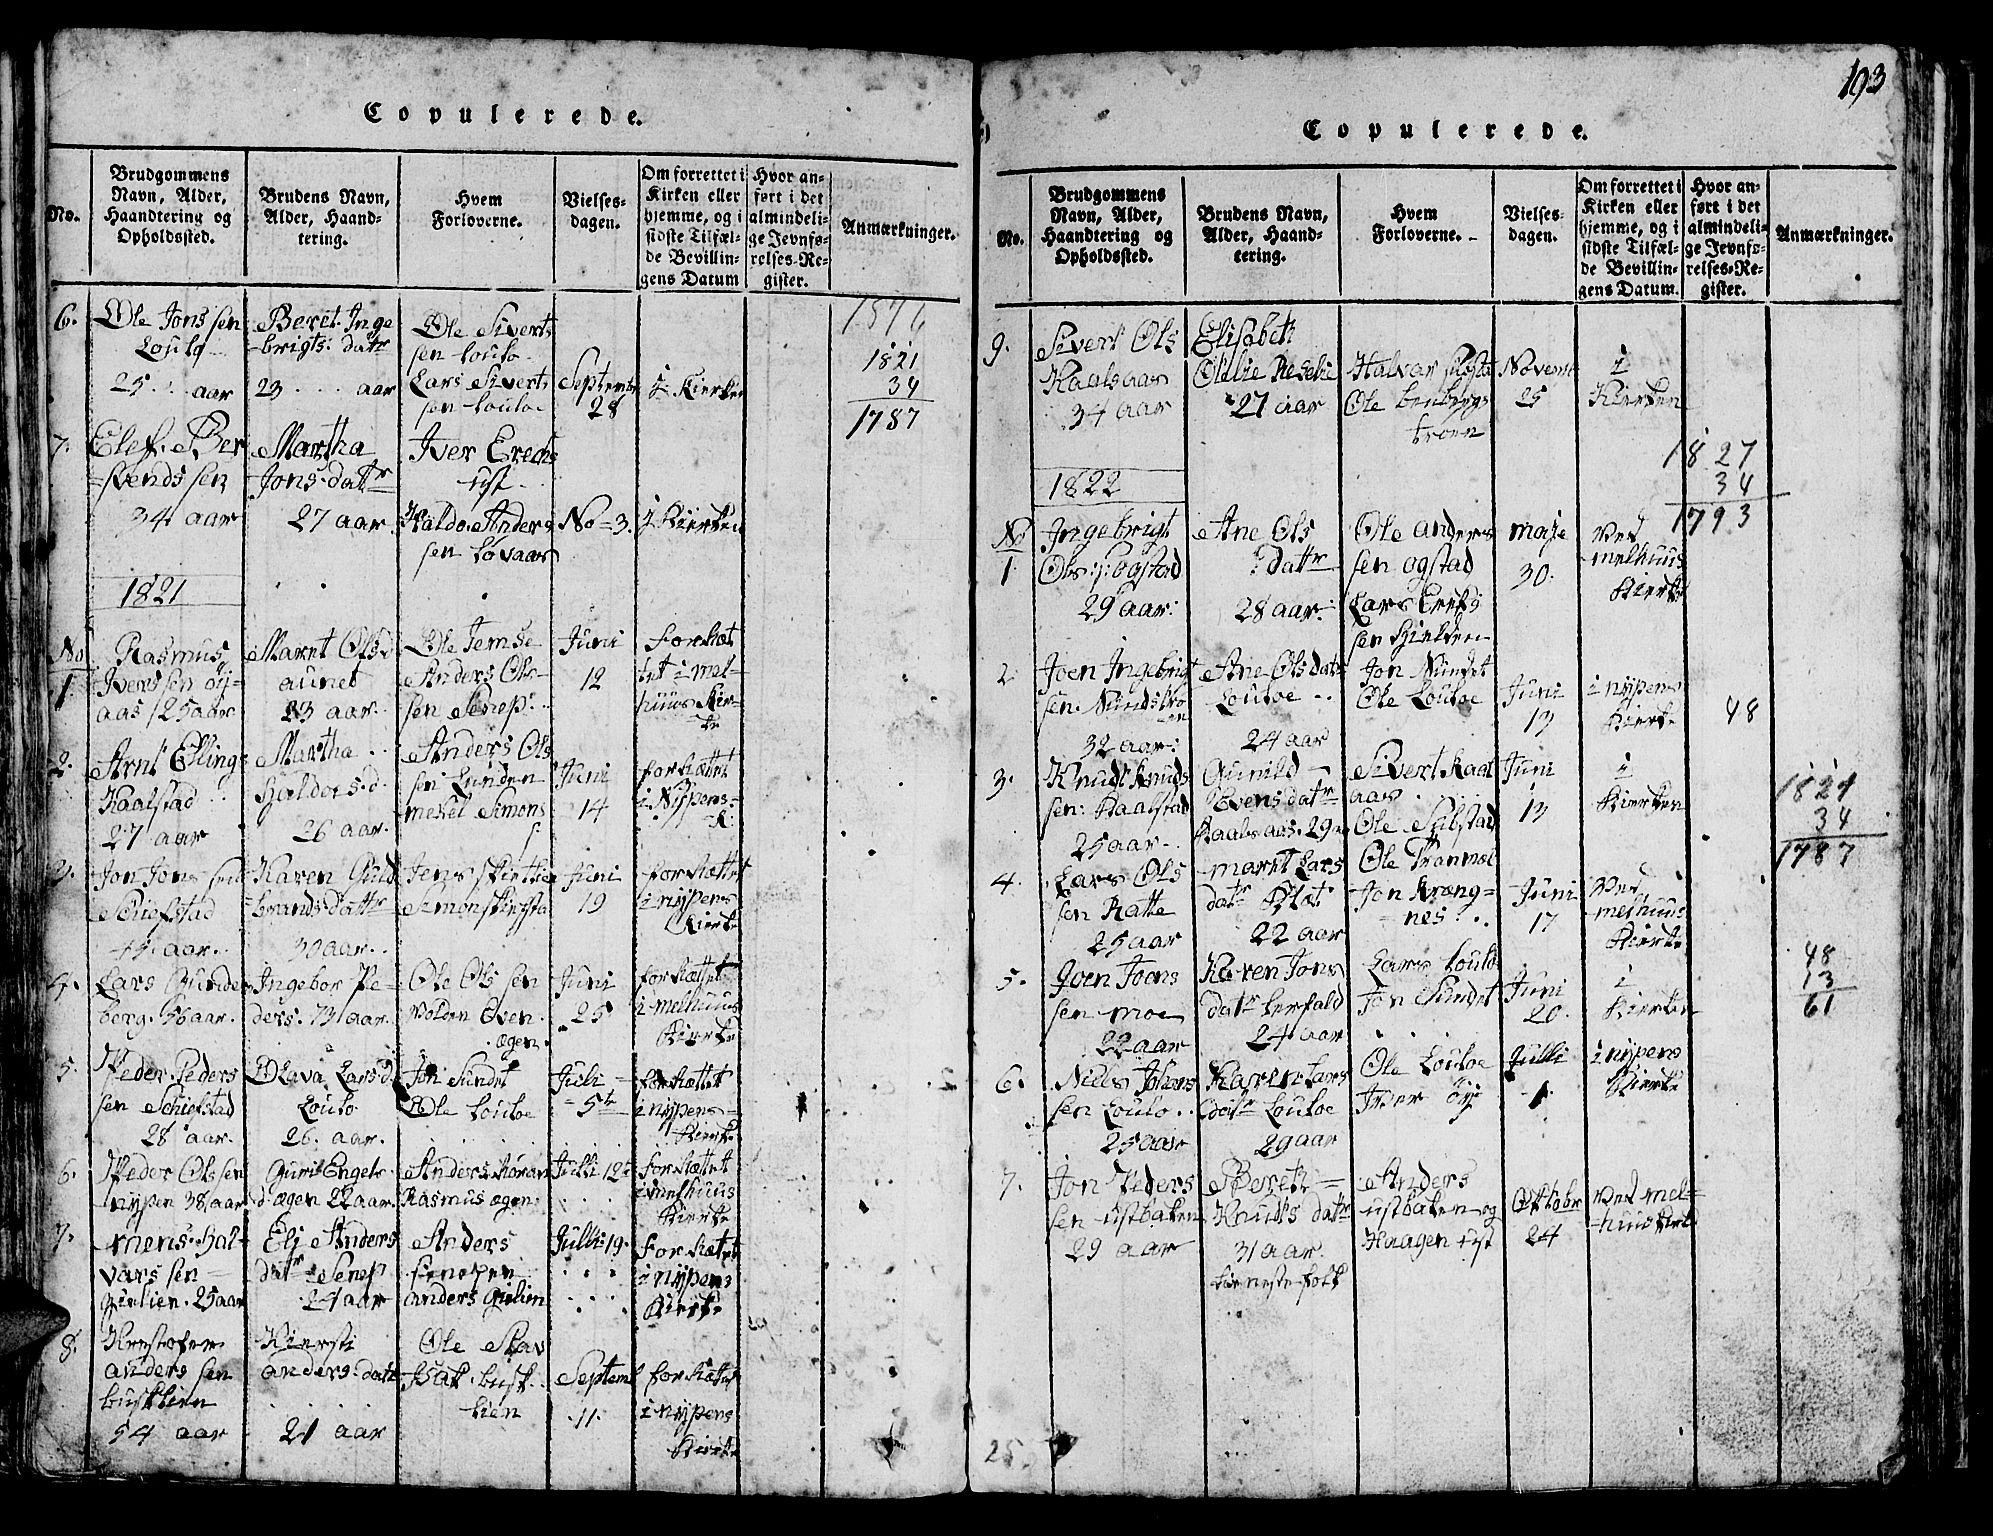 SAT, Ministerialprotokoller, klokkerbøker og fødselsregistre - Sør-Trøndelag, 613/L0393: Klokkerbok nr. 613C01, 1816-1886, s. 193